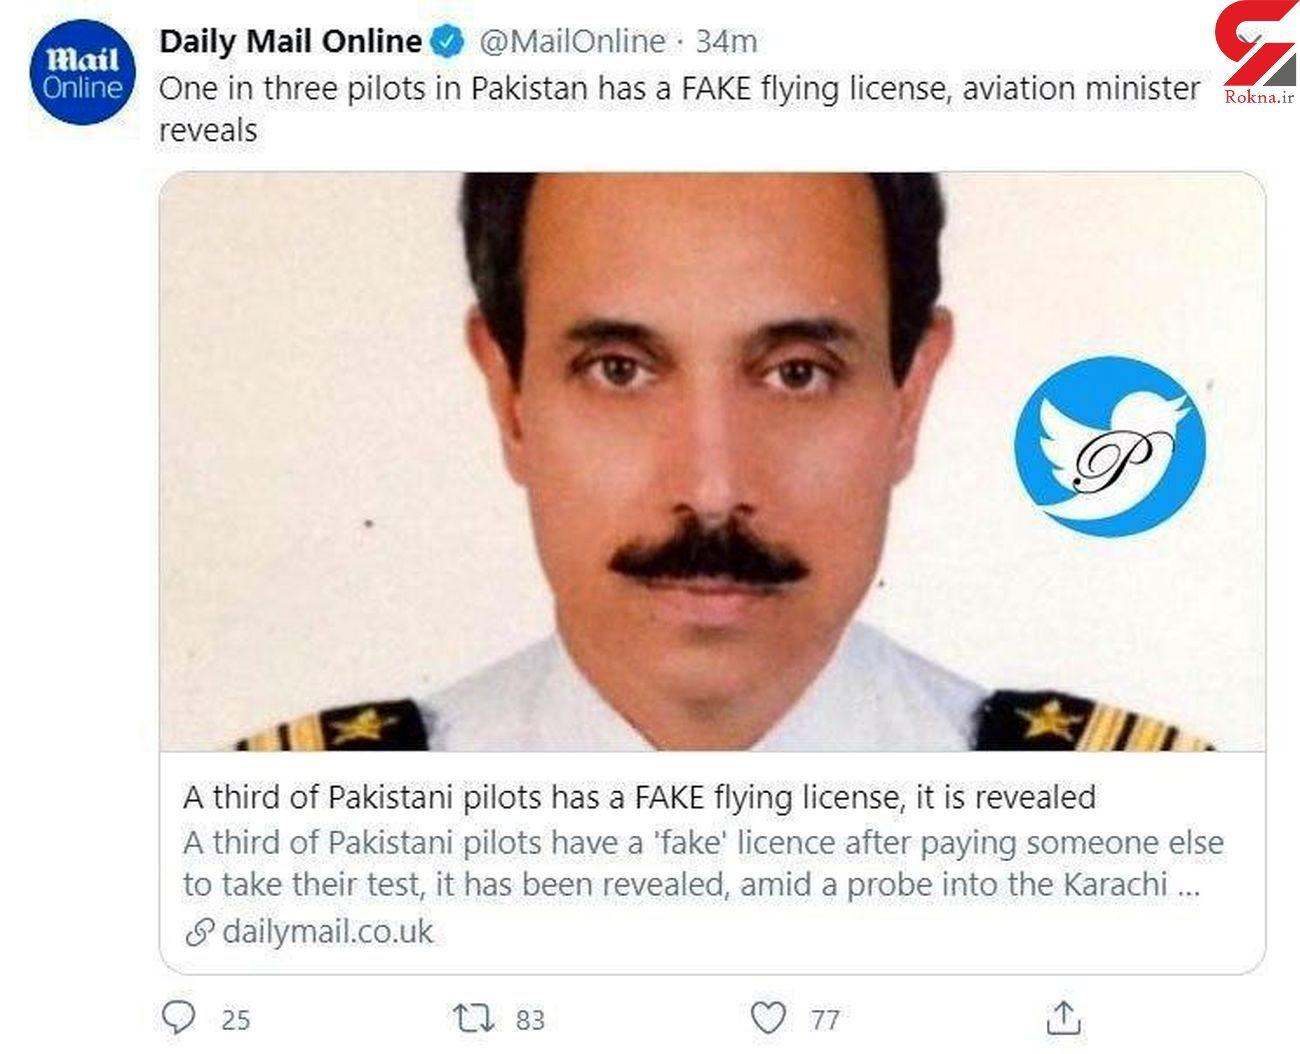 خلبان هواپیمای مسافری پاکستان با مدرک جعلی پرواز 97 تن را به کشتن داد